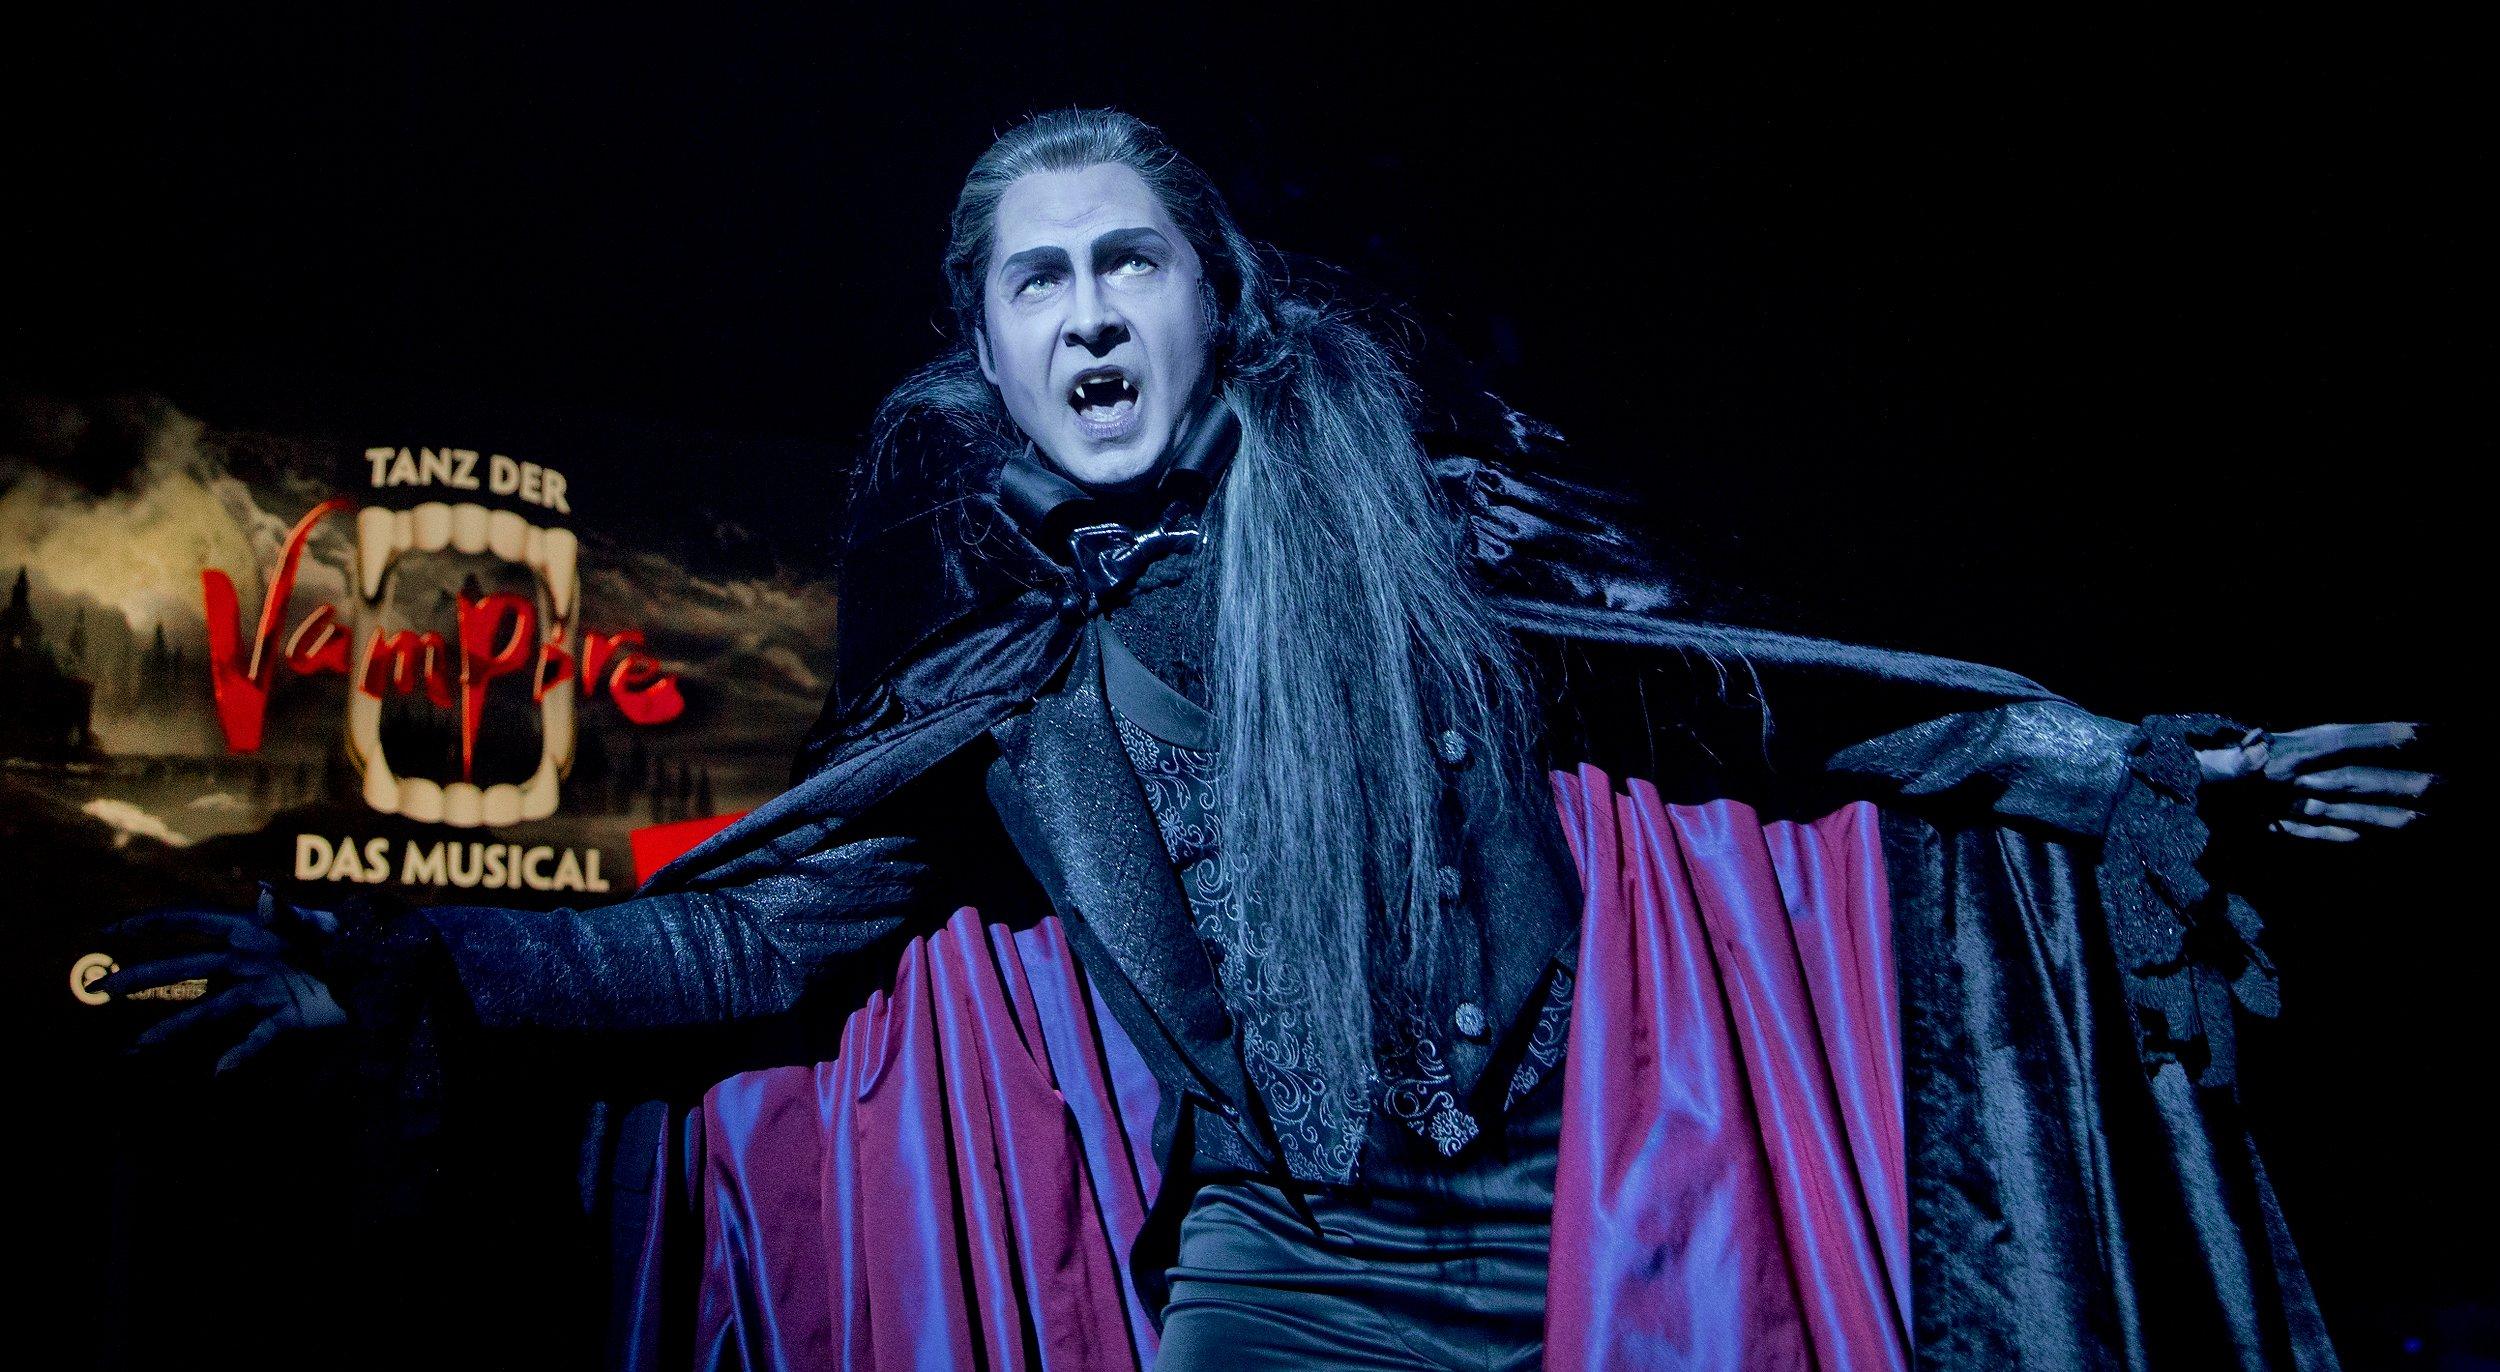 Tanz Der Vampire David Arnsperger Wird Graf In Köln